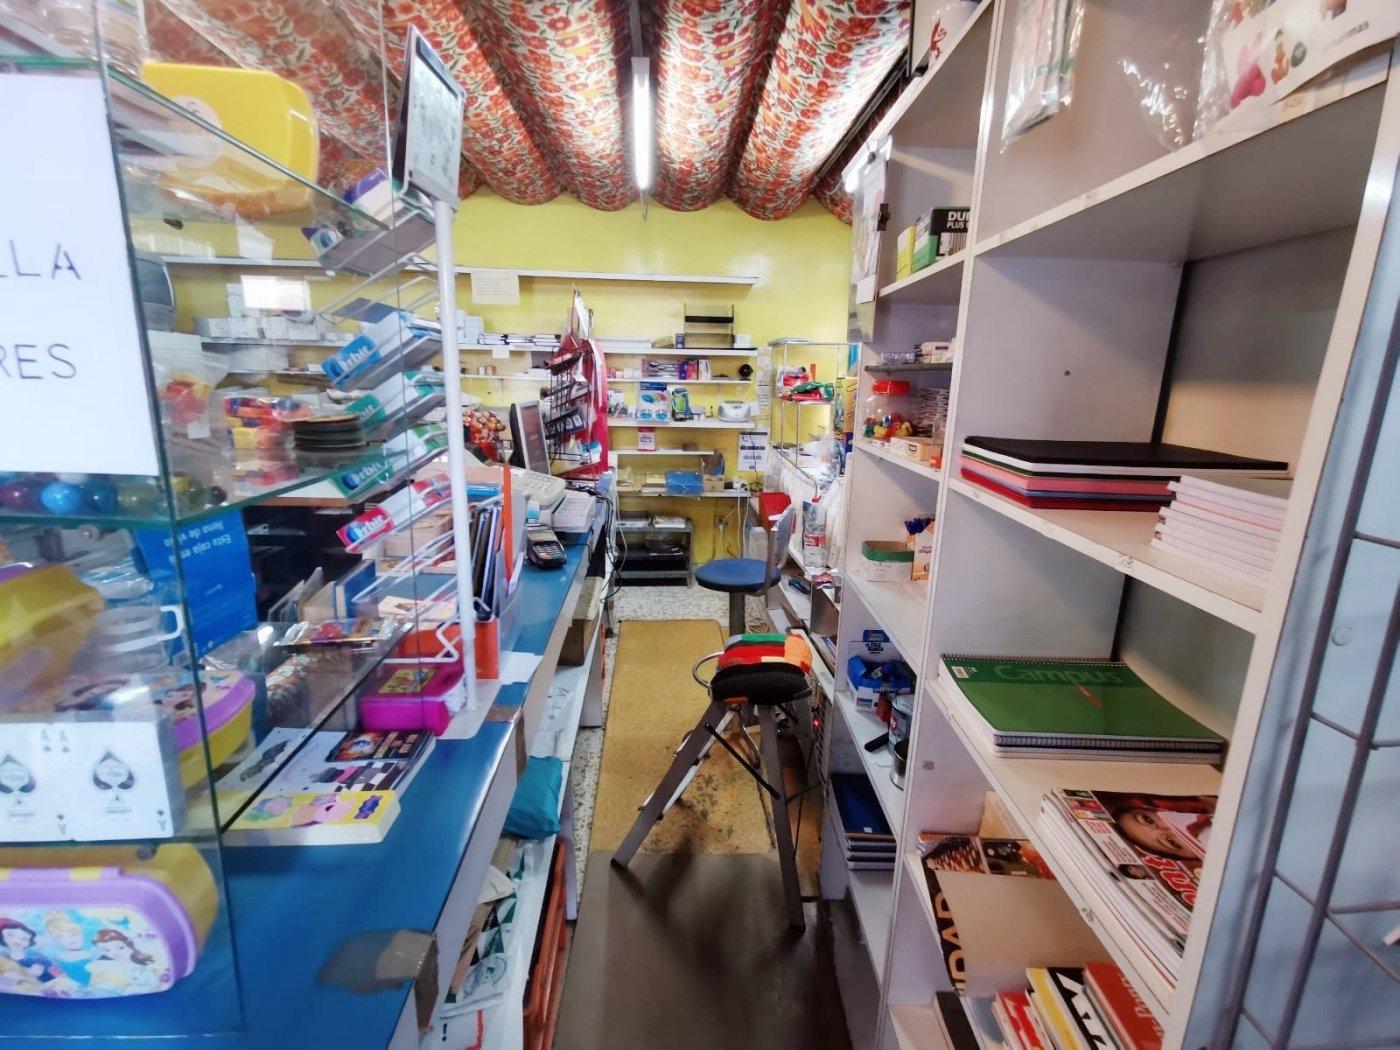 Se vente local comercial en bons aires(cerca de la calle blanquerna y generar riera ) - imagenInmueble4